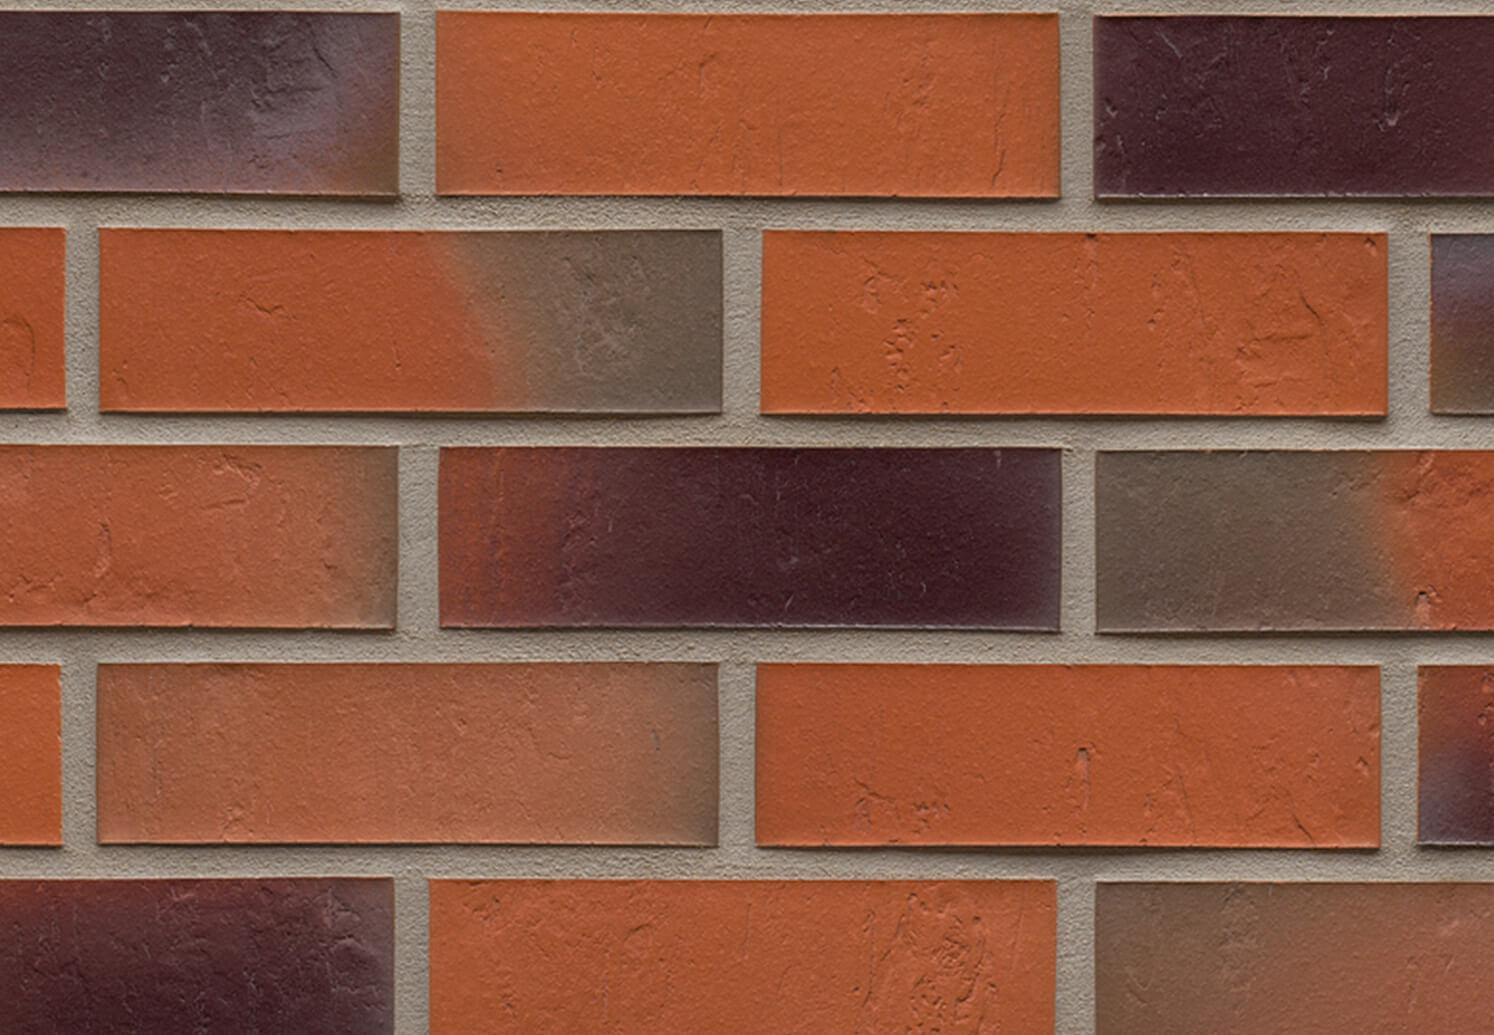 Облицовочная клинкерная плитка Feldhaus Klinker, Accudo, R715NF14, поверхность под шагрень, terreno bluastro